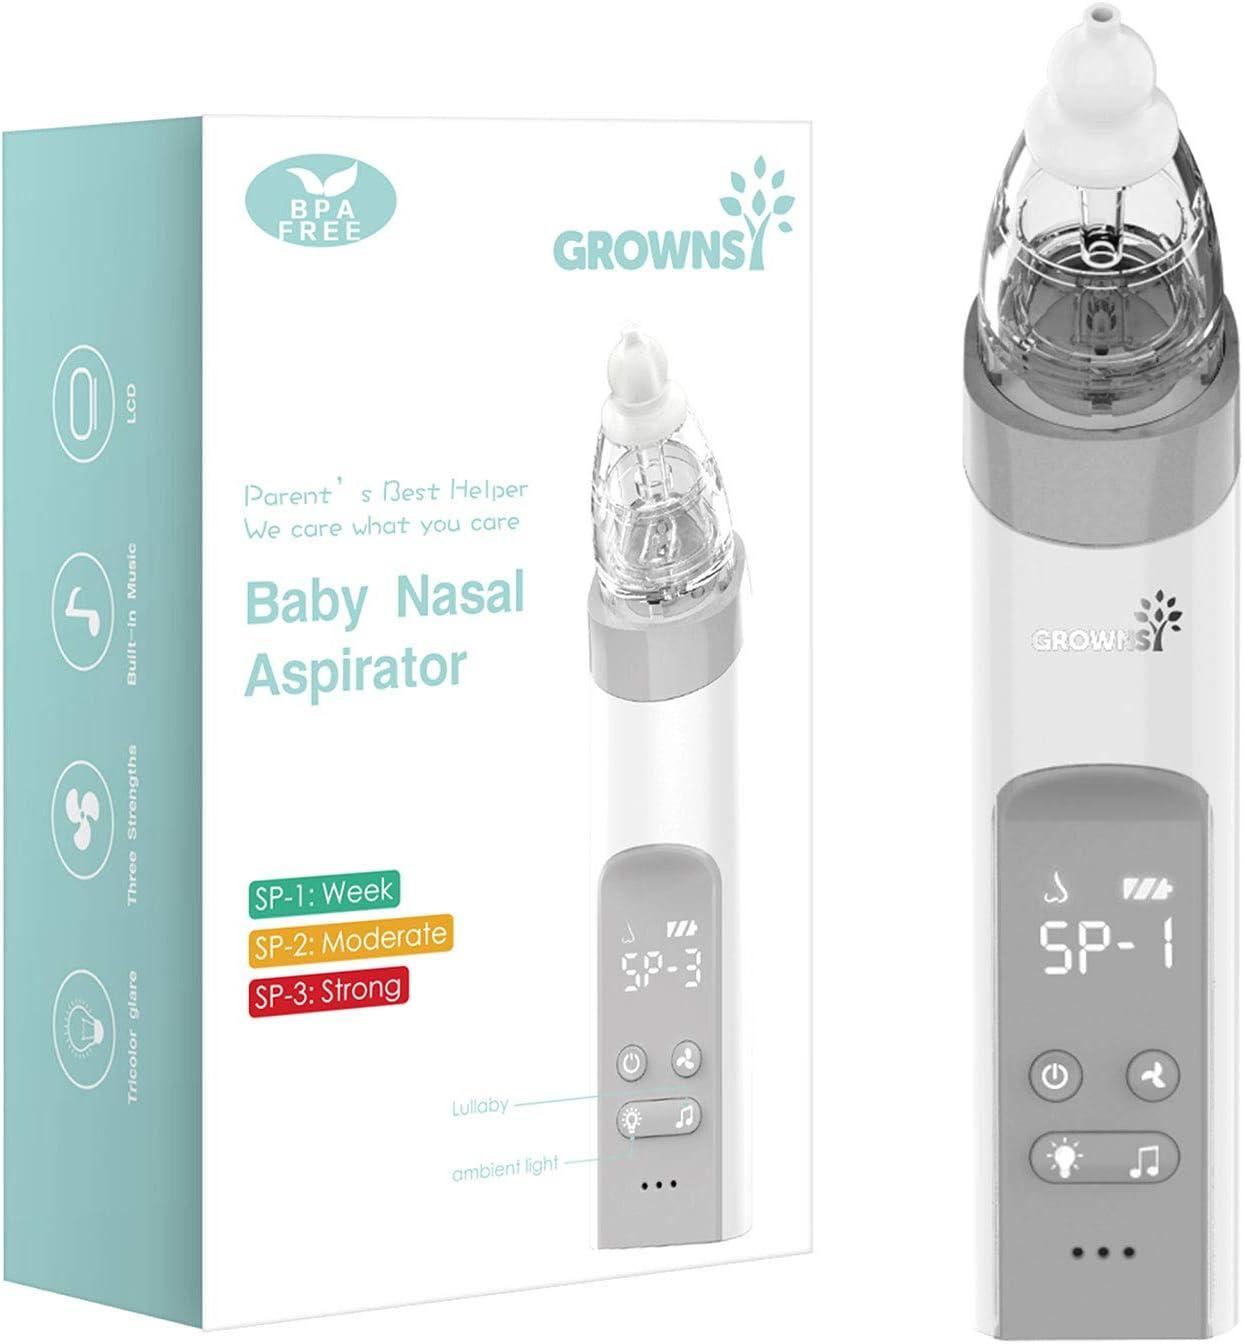 avec fonction apaisante musique et lumi/ère Nettoyeur de nez pour b/éb/é rechargeable Aspirateur nasal pour b/éb/é Sucker de nez de b/éb/é Booger Sucker automatique pour nourrissons